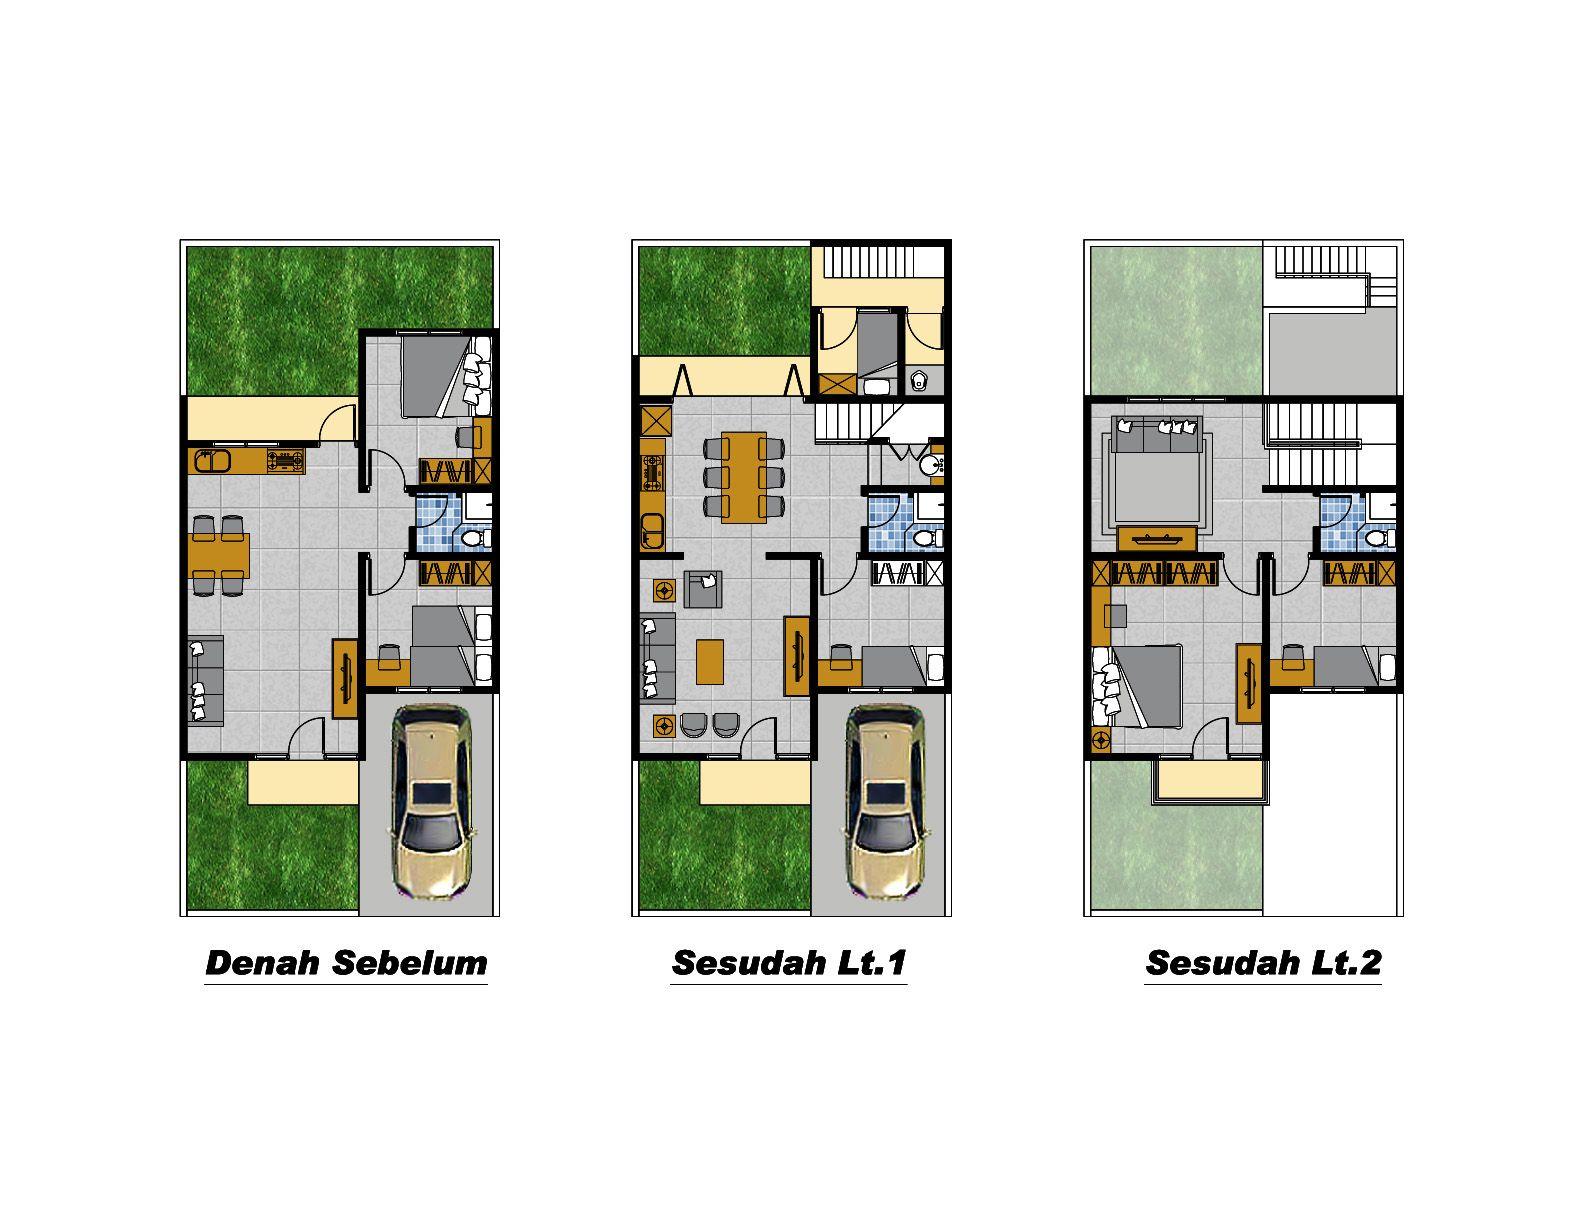 Desain Rumah Type 22 60 Desain Renovasi Rumah Type 29 Desain